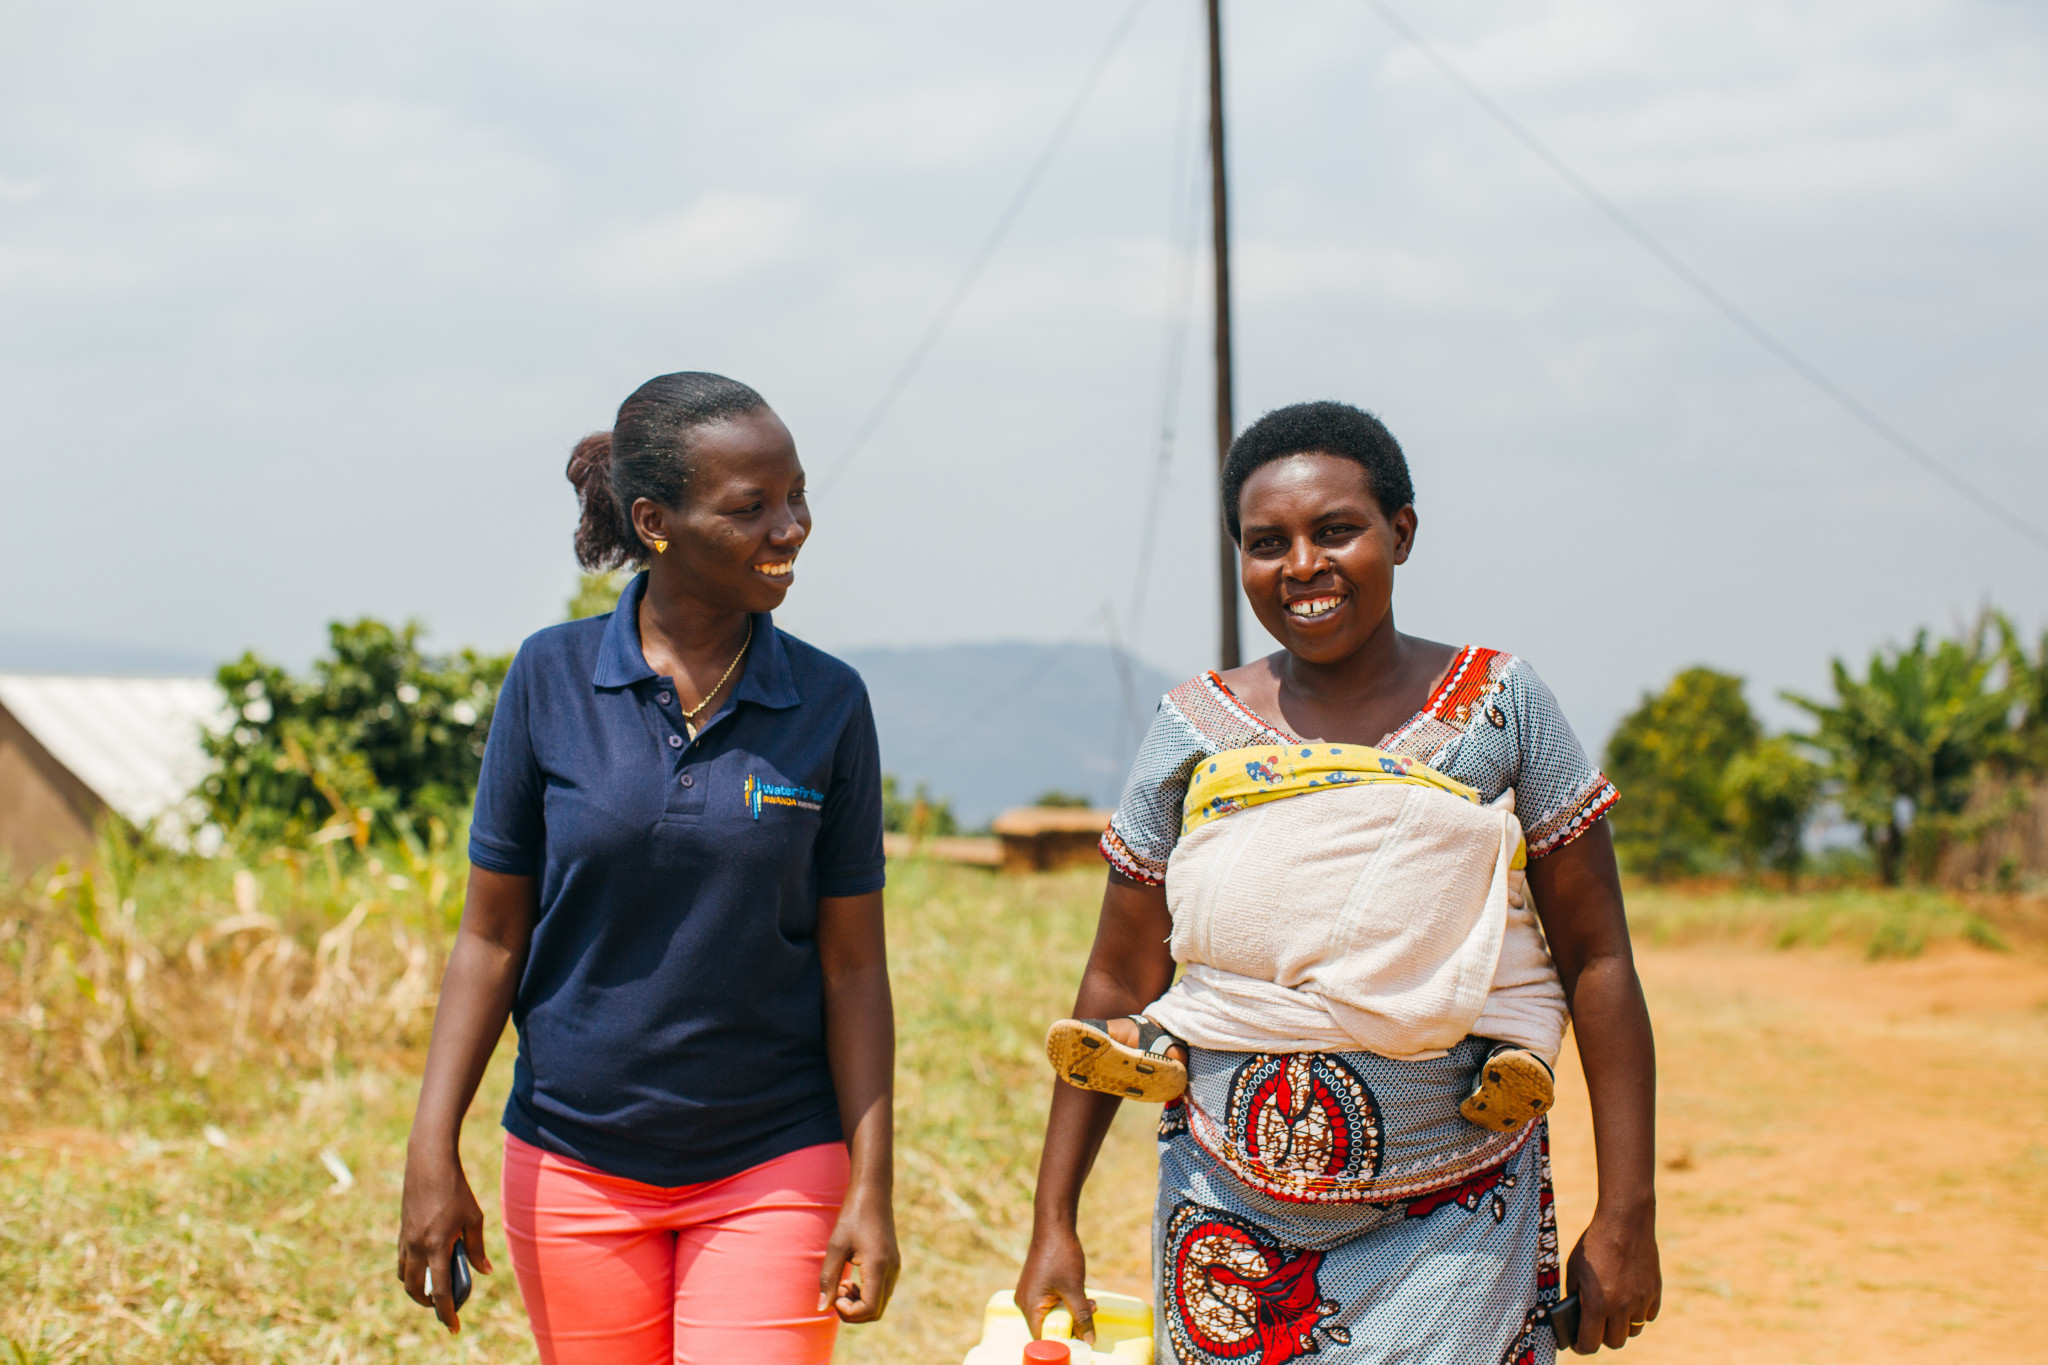 Rwanda12_Rulindo_Ntarabana_20180727-51